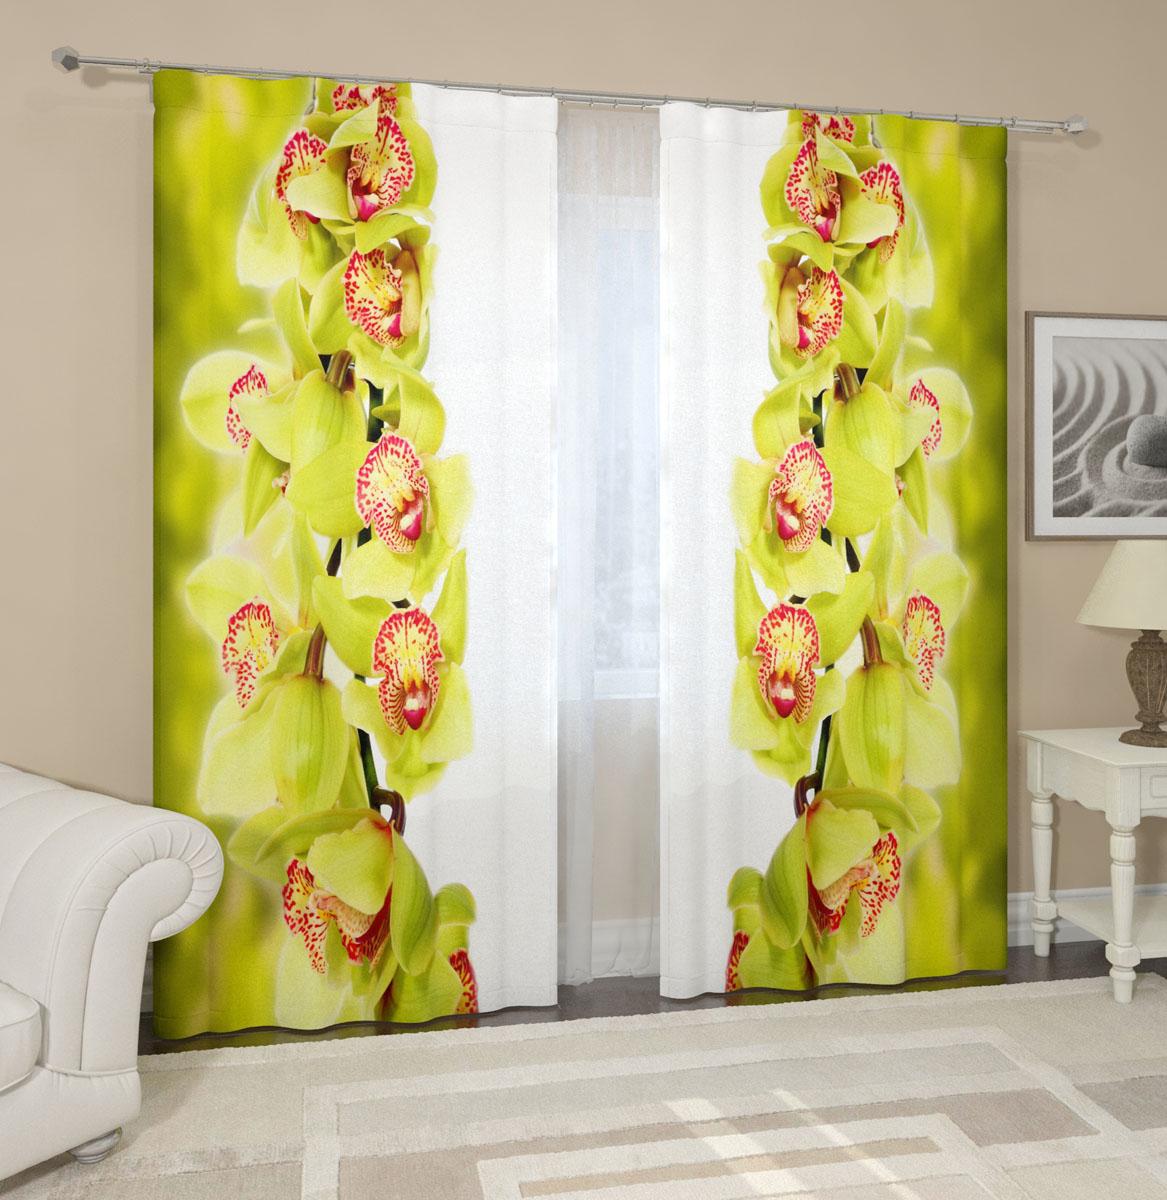 Комплект фотоштор Сирень Ветки зеленой орхидеи, на ленте, высота 260 см04612-ФШ-ГБ-001Фотошторы Сирень Ветки зеленой орхидеи, выполненные из габардина (100% полиэстера), отлично дополнят украшение любого интерьера. Особенностью ткани габардин является небольшая плотность, из-за чего ткань хорошо пропускает воздух и солнечный свет. Ткань хорошо держит форму, не требует специального ухода. Крепление на карниз при помощи шторной ленты на крючки. В комплекте 2 шторы. Ширина одного полотна: 145 см.Высота штор: 260 см.Рекомендации по уходу: стирка при 30 градусах, гладить при температуре до 110 градусов.Изображение на мониторе может немного отличаться от реального.